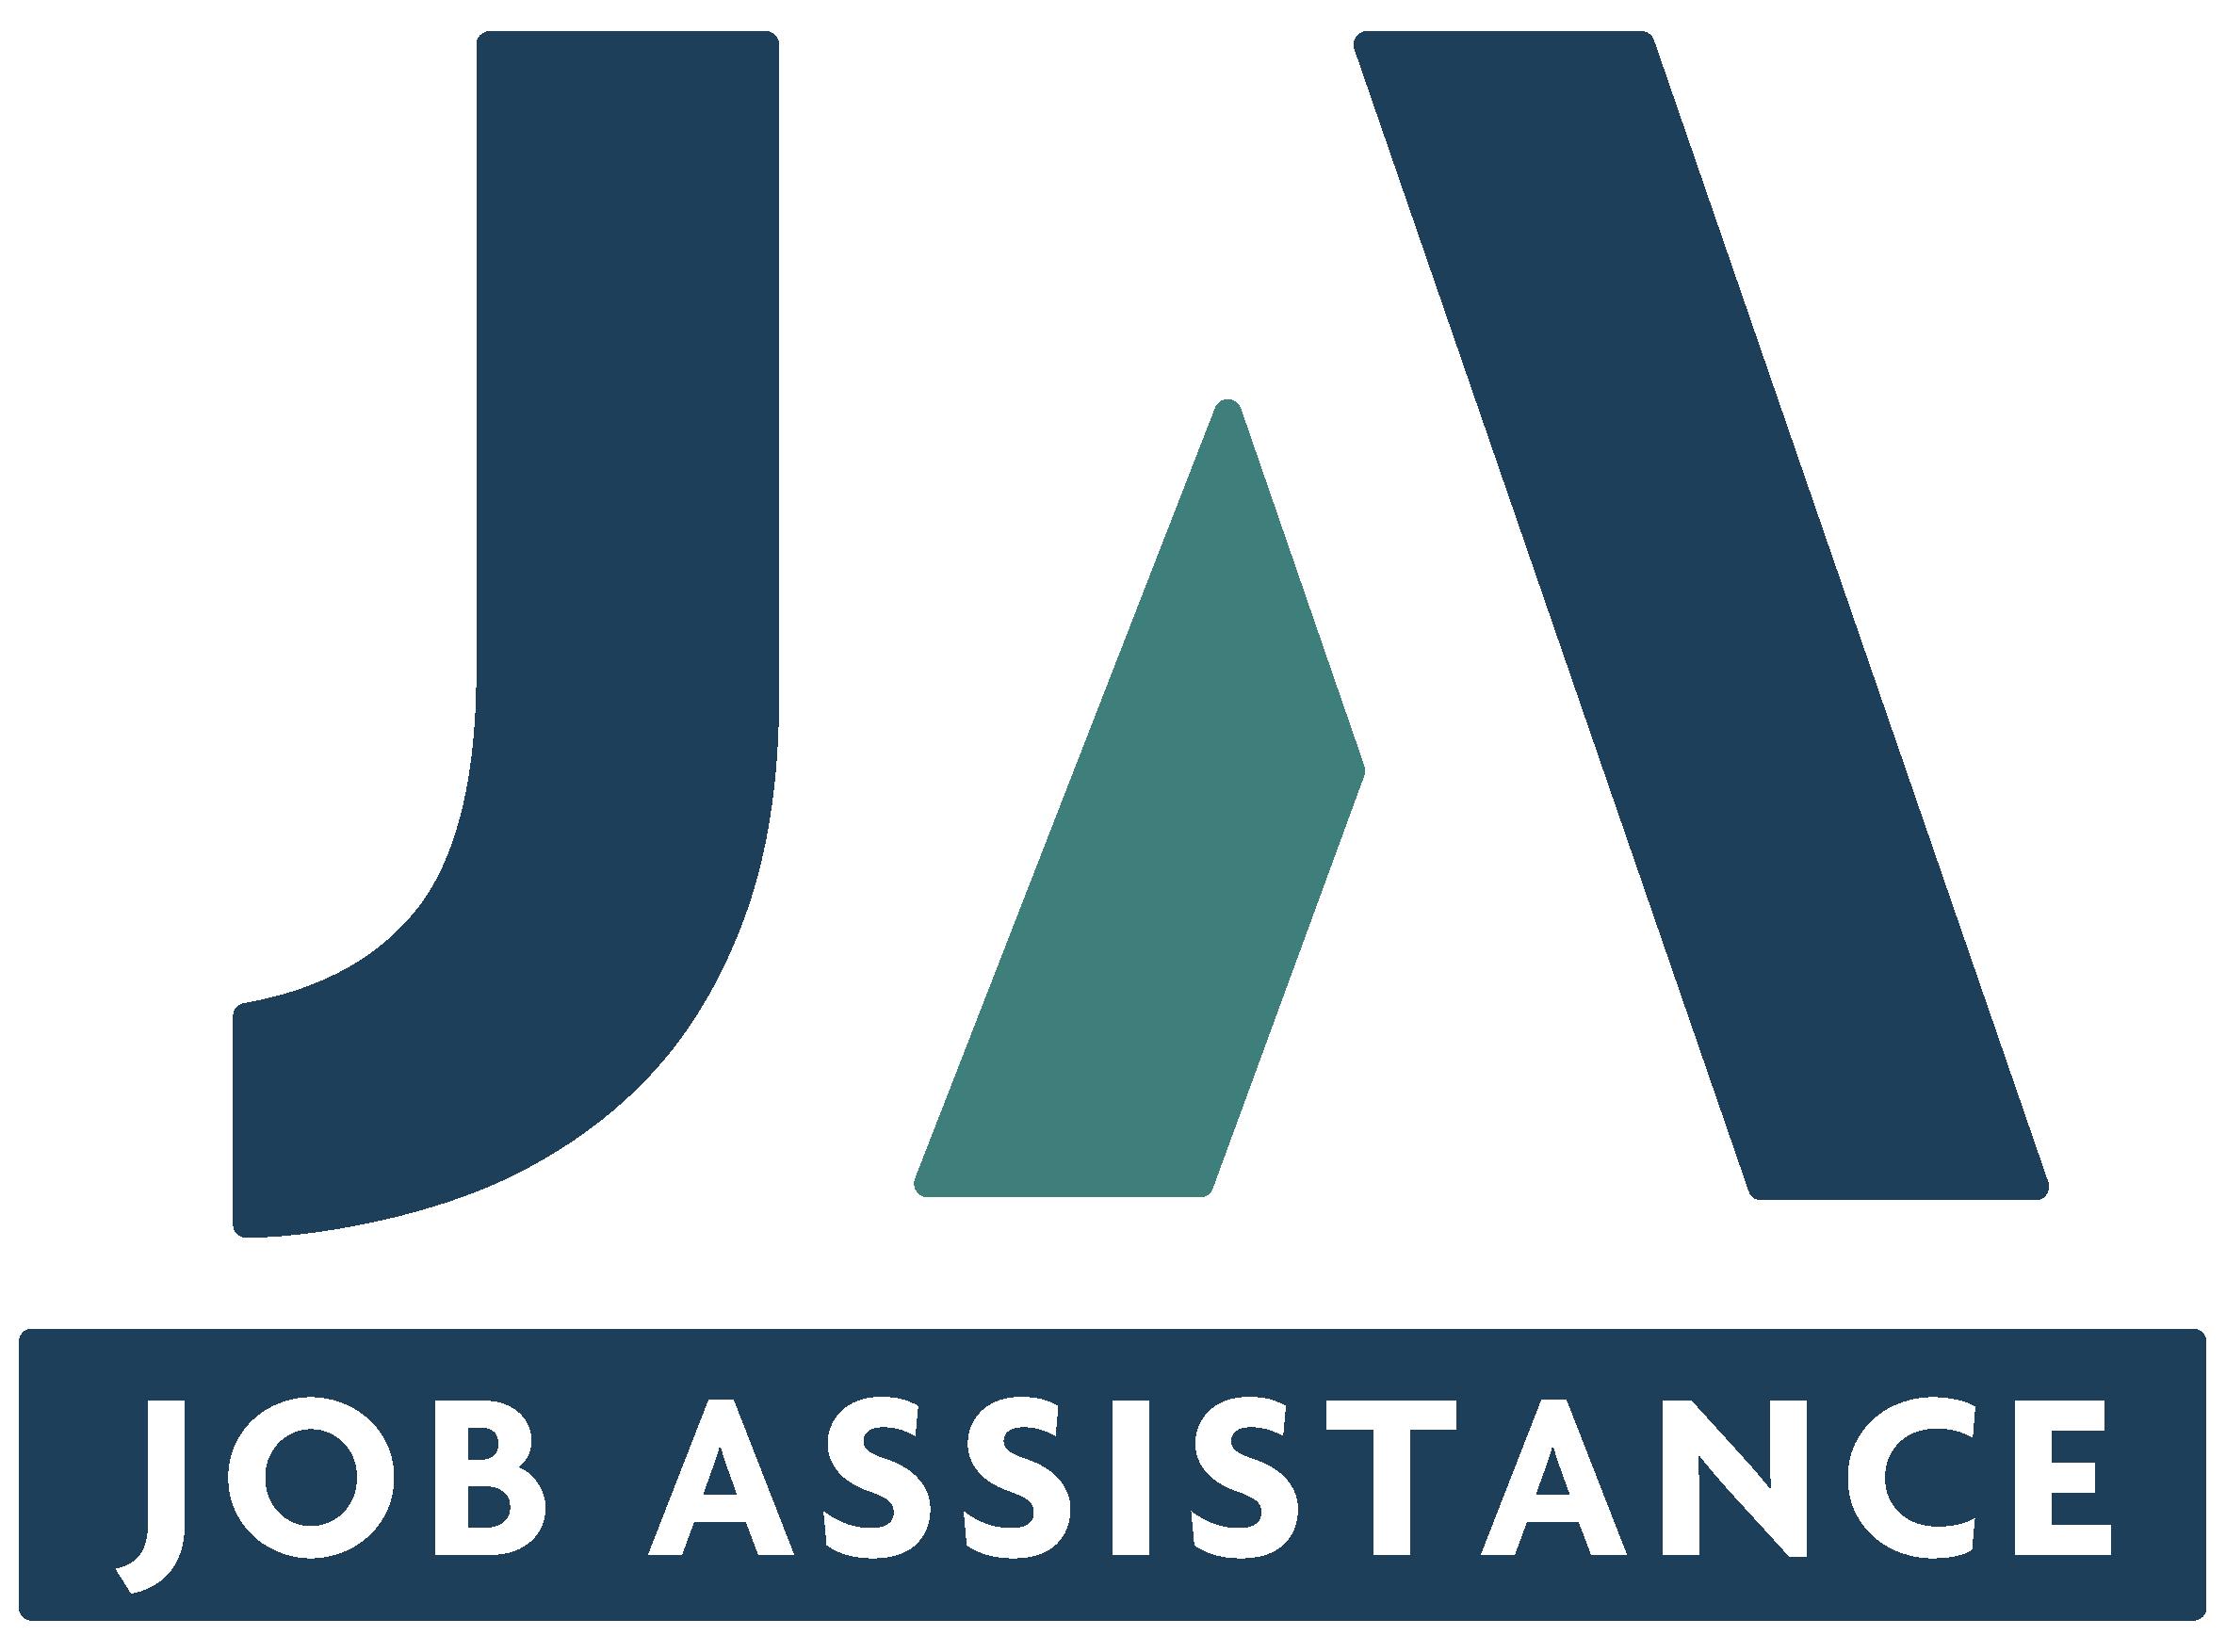 logo_jobassistance__zonderondertitel_groen_blauw